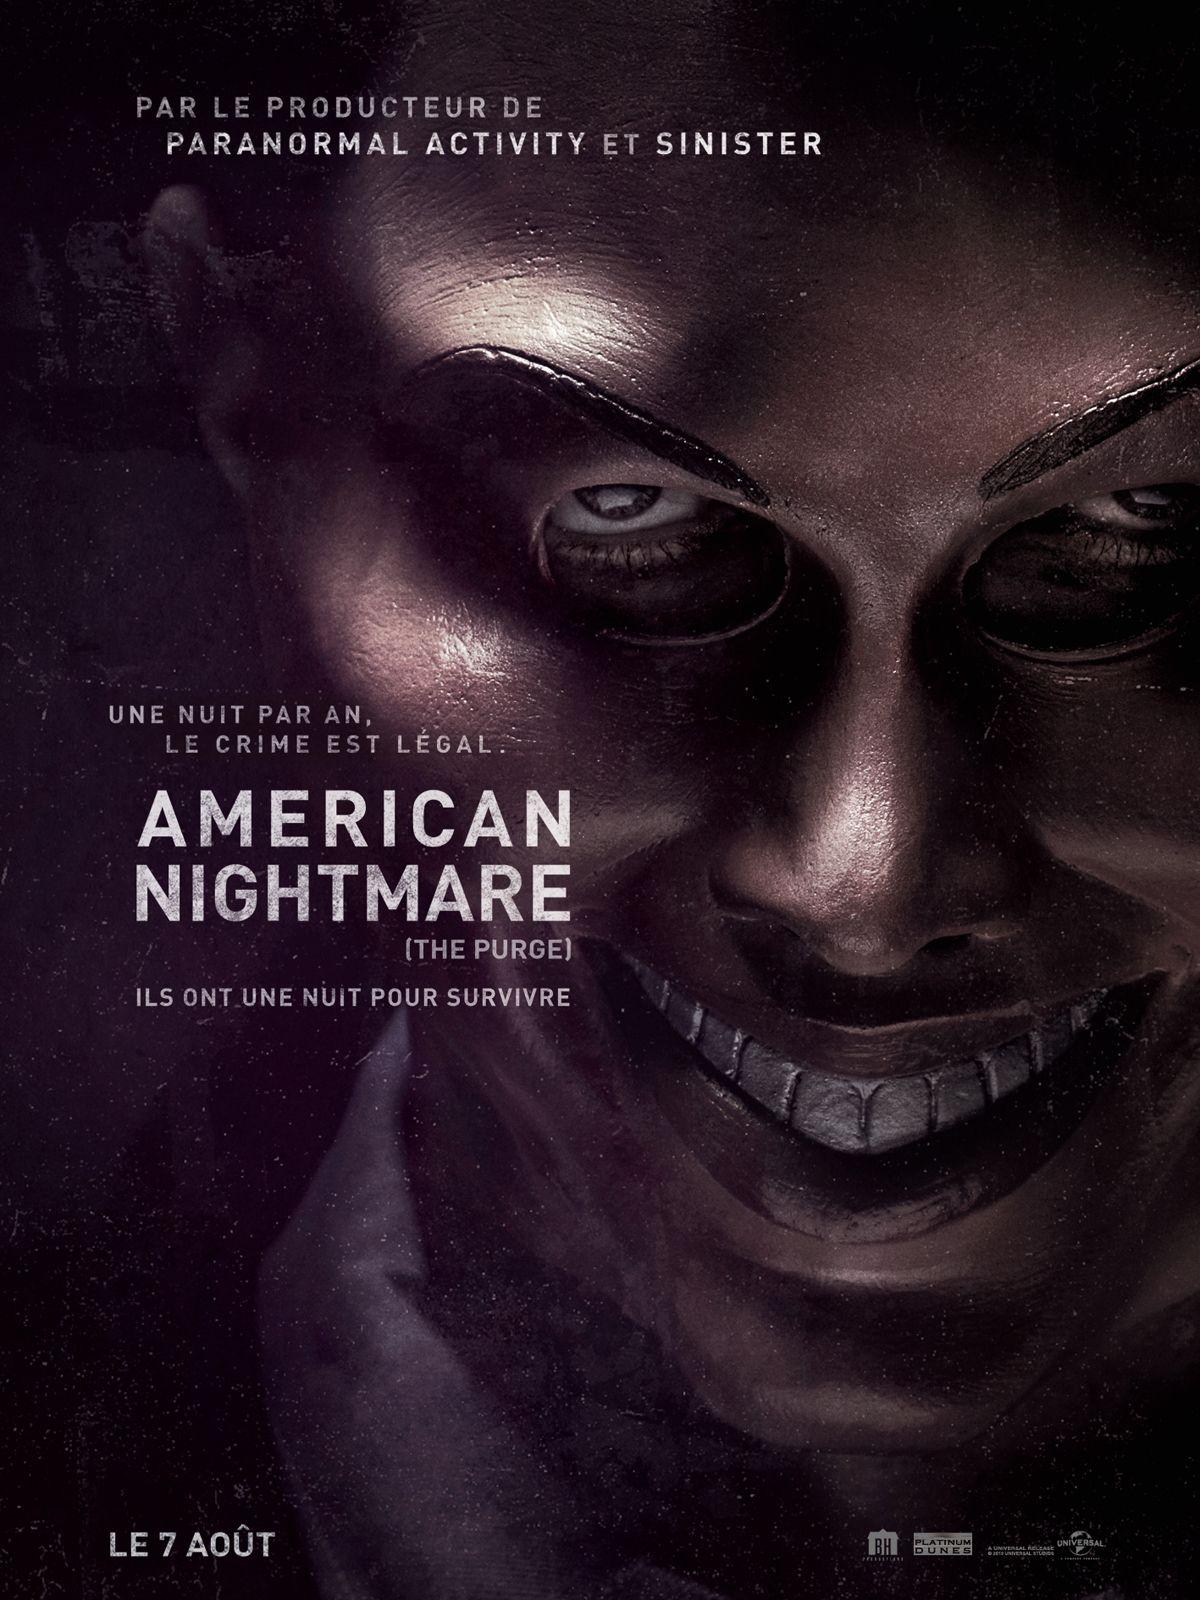 American Nightmare est un film de James DeMonaco avec Ethan Hawke, Lena Headey. Synopsis : Dans une Amérique rongée par une criminalité débridée et des prisons surpeuplées, le gouvernement a donné son accord p